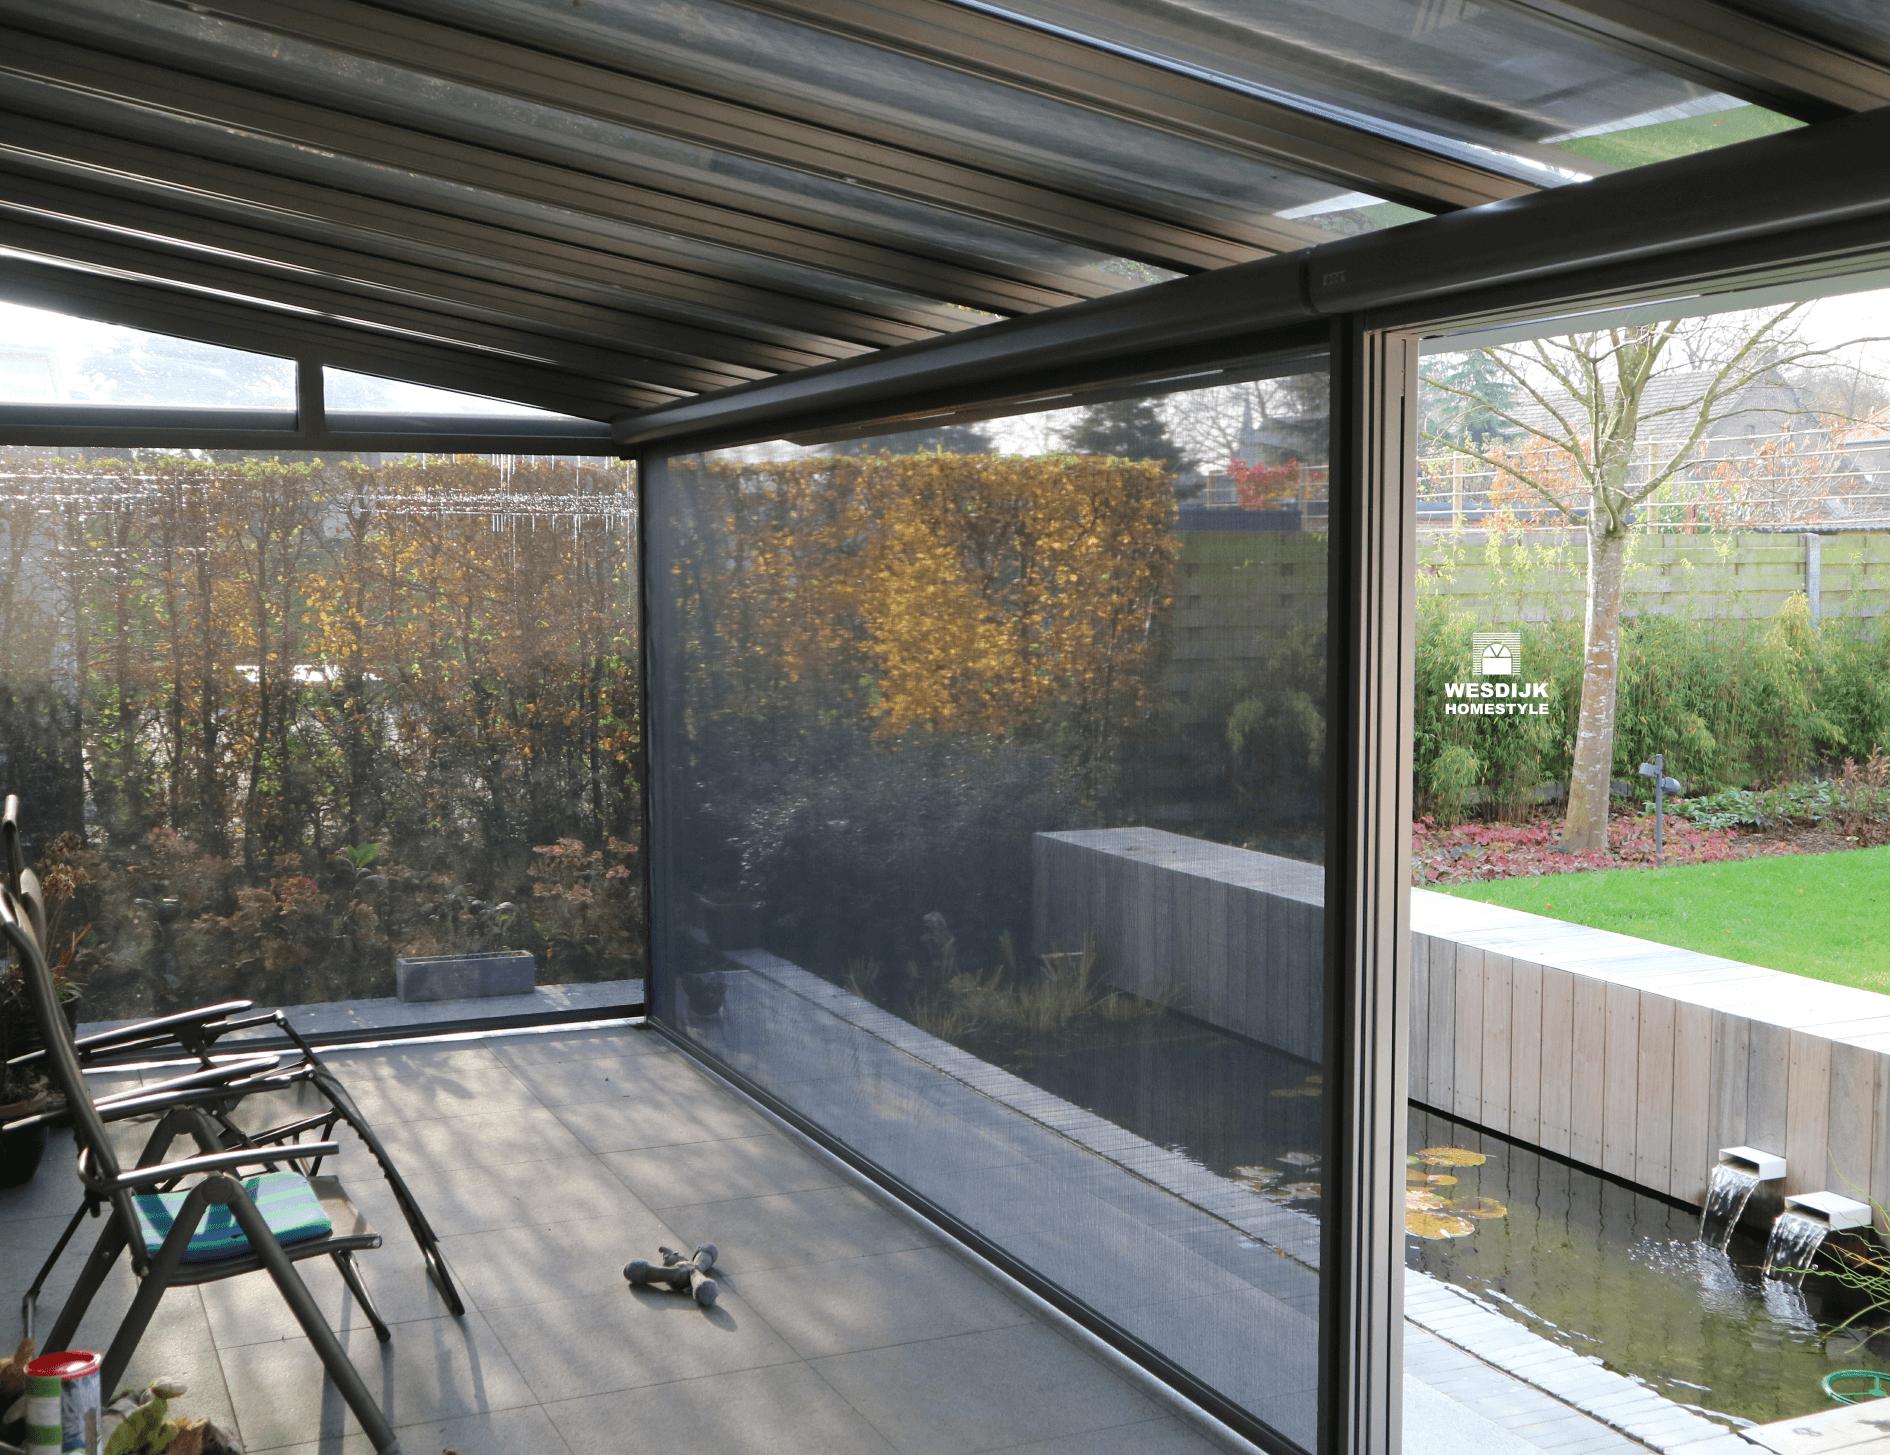 We kunnen uw tuinkamer voorzien van passende zonwering